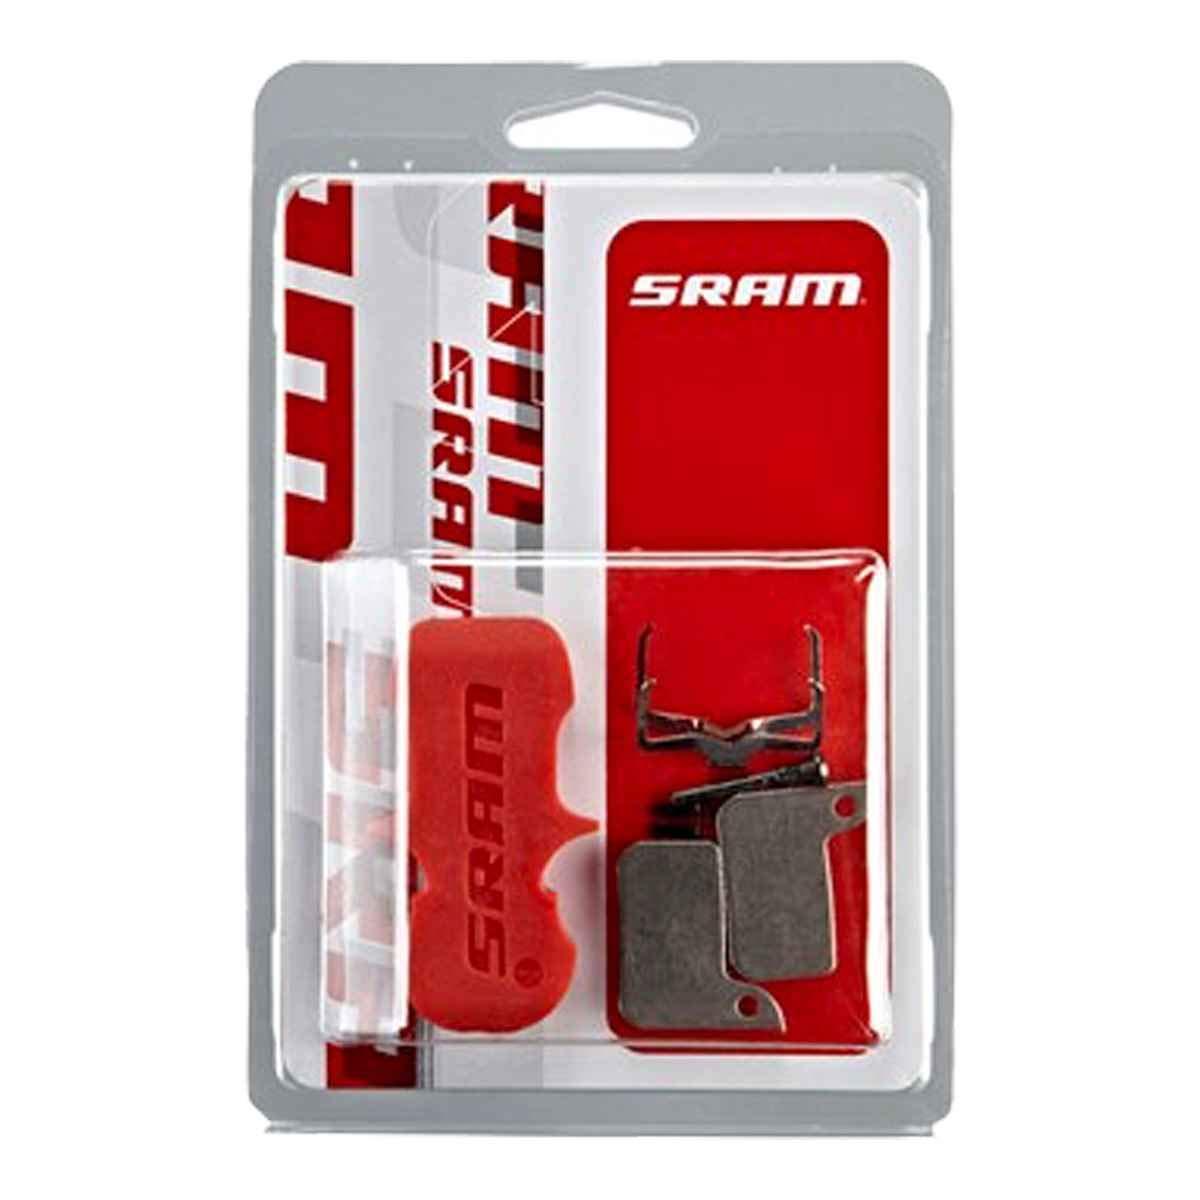 Force De Axs Disque Unisex-Adult Quiet Multicolore Taille Unique SRAM Plaquettes De Frein Organique//Acier Comprend Guide Pin, Clip /& Pad Spreader